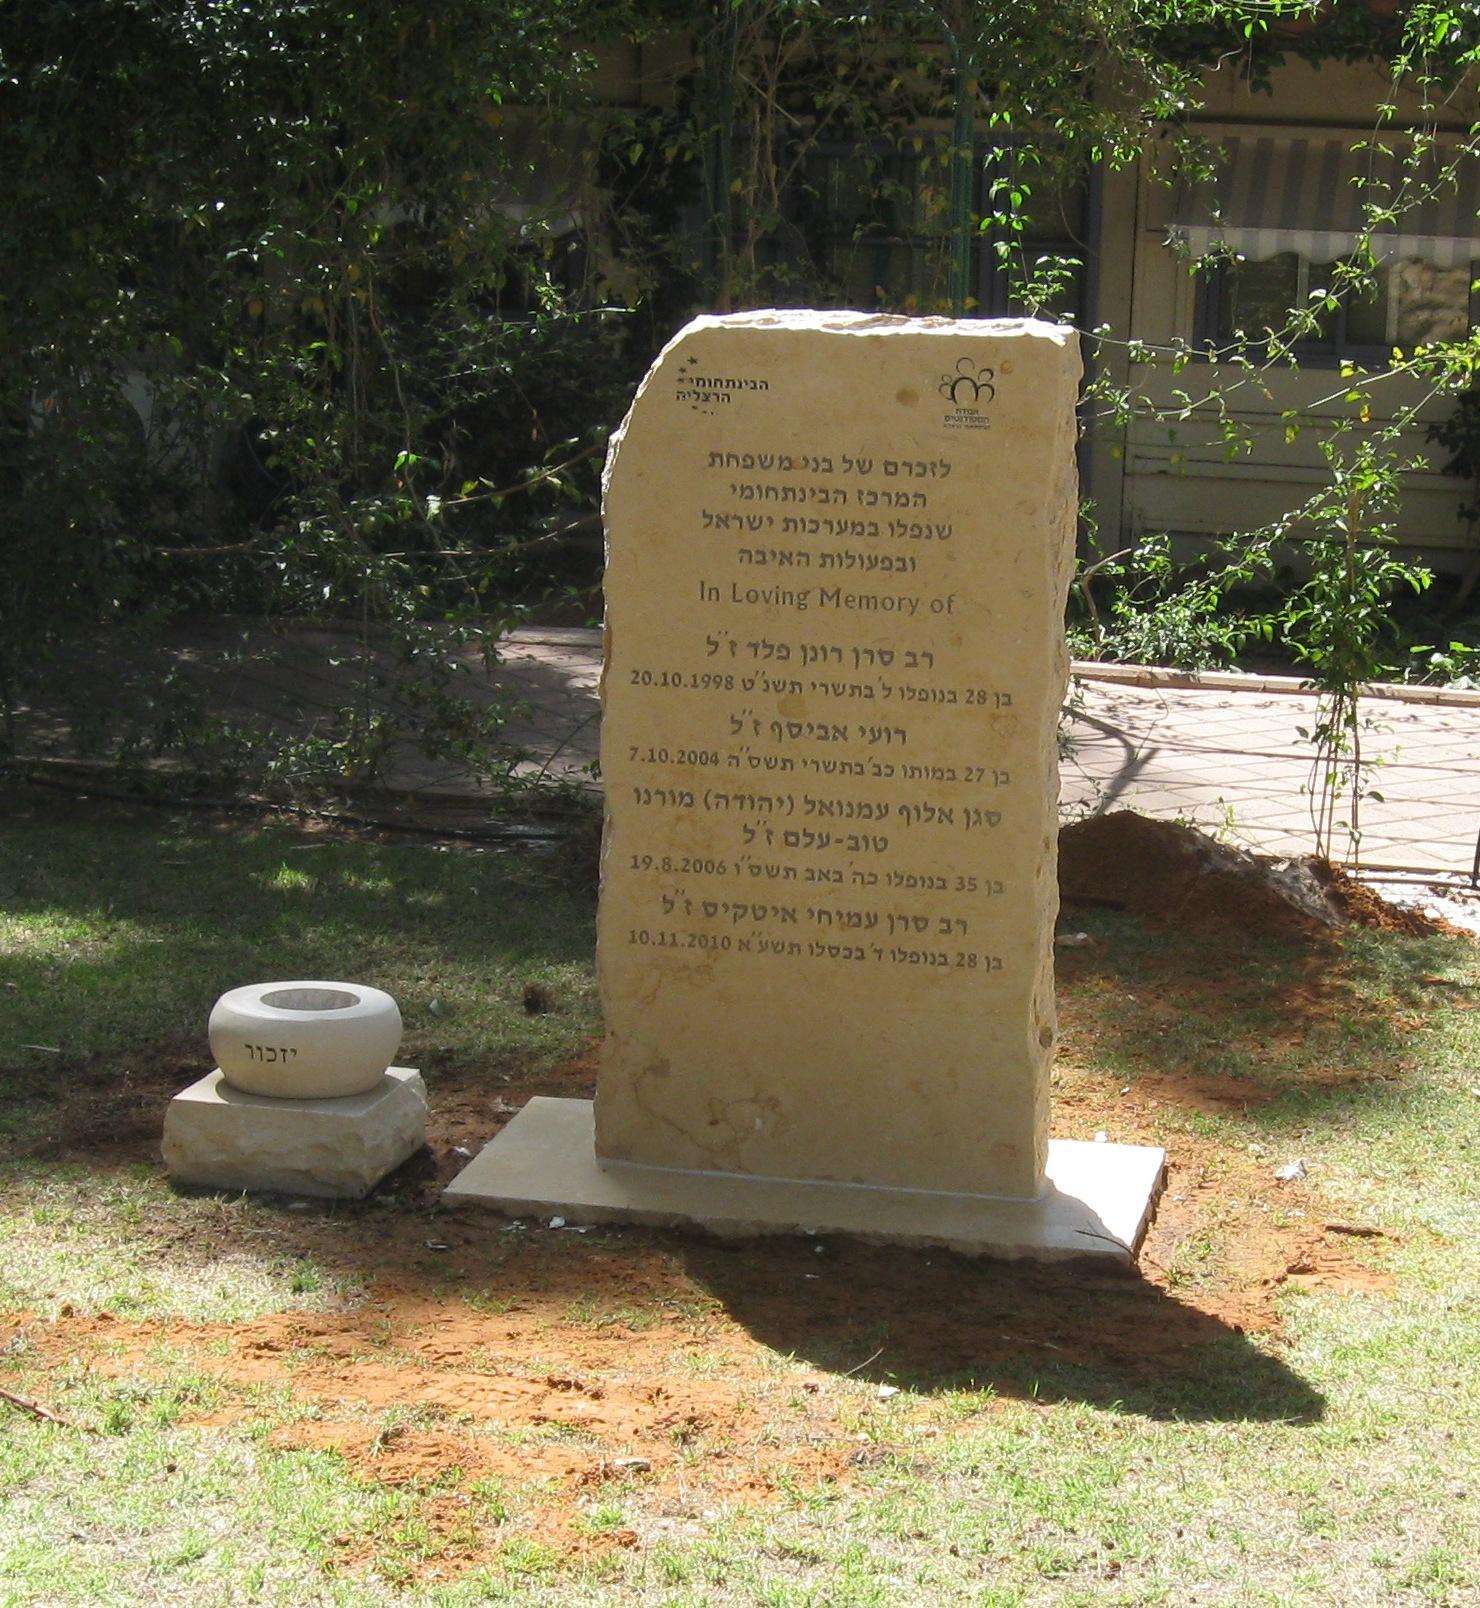 אנדרטה לזכר הנופלים במערכות ישרטל ונפגעי פעולות האיבה הבנתחומי הרצליה